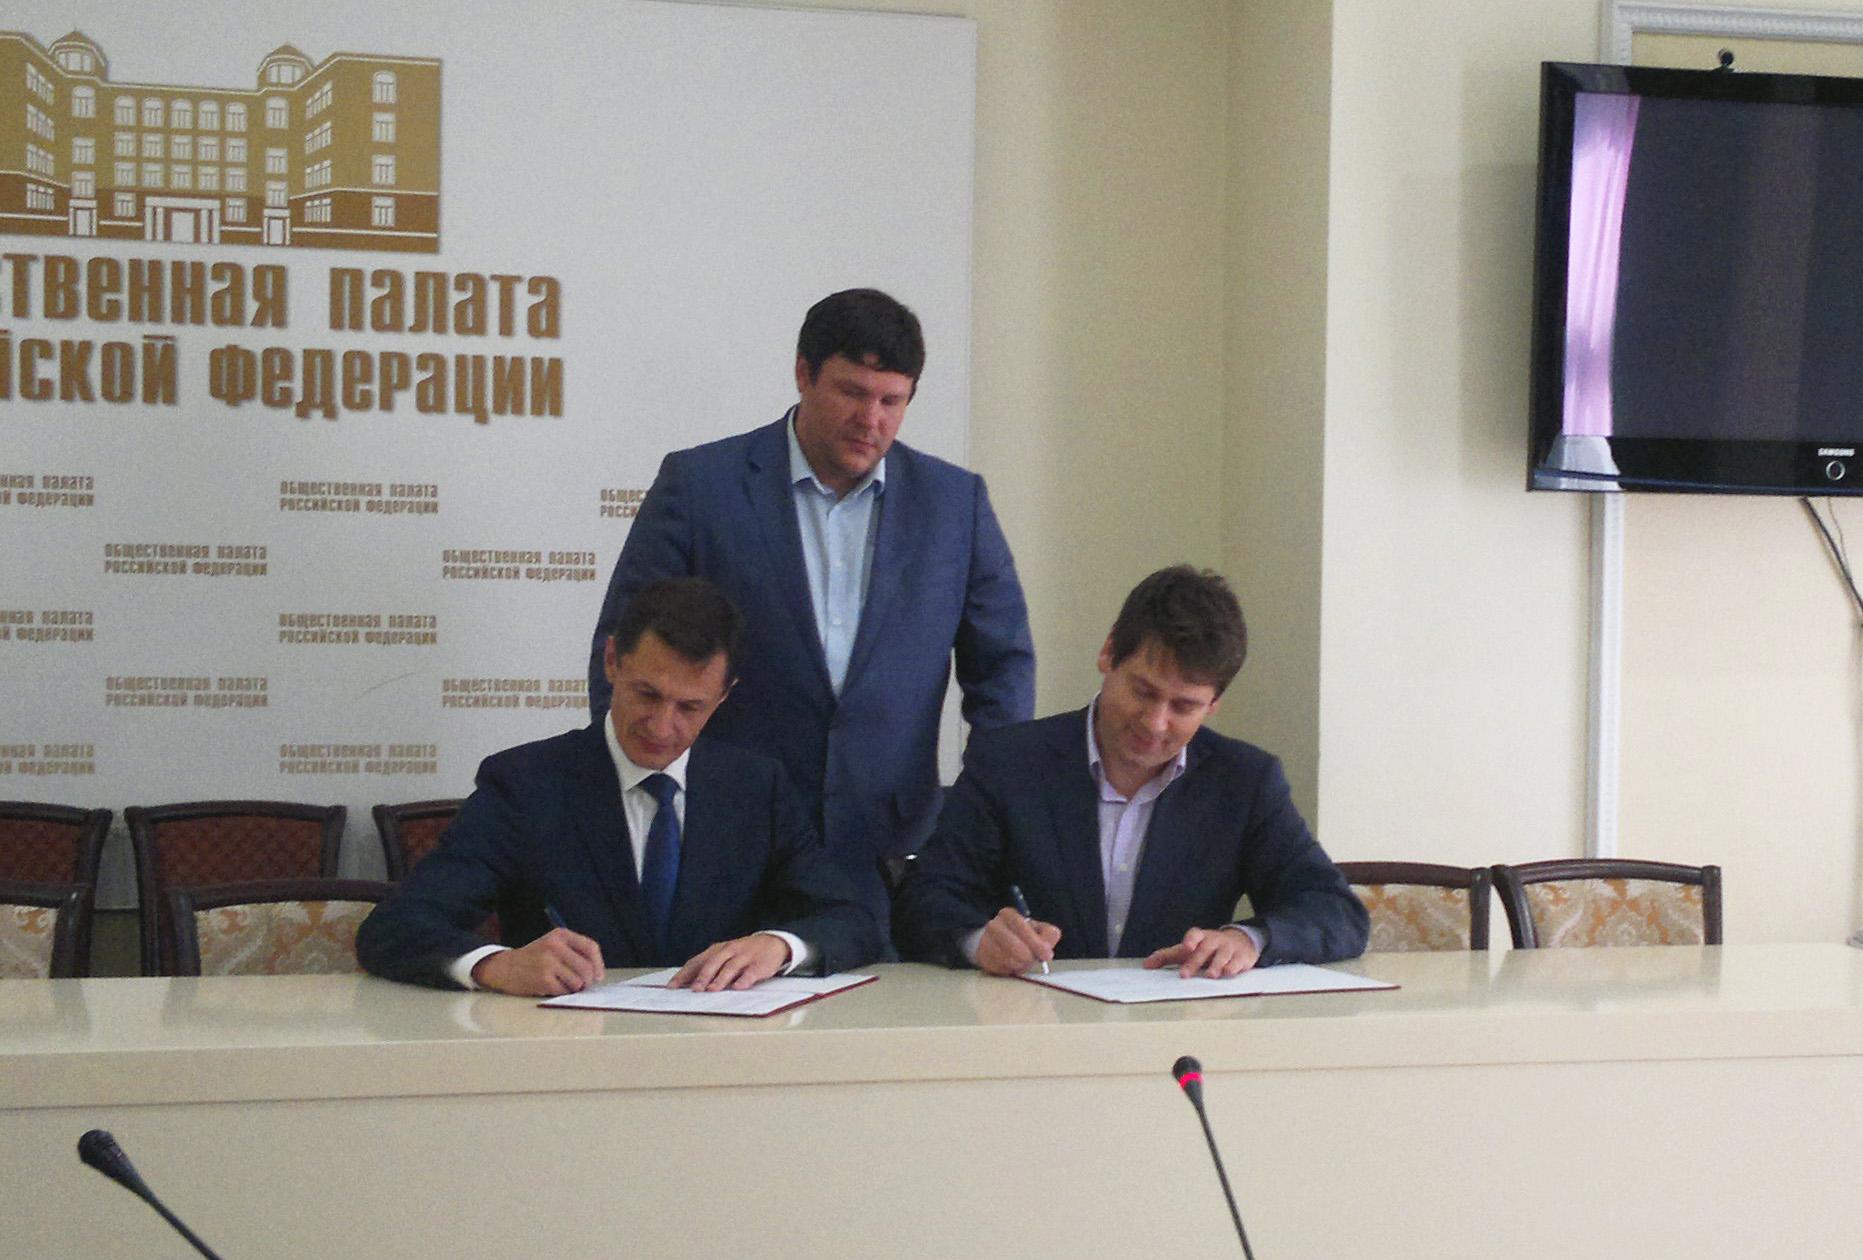 В Общественной палате состоялось торжественное подписание соглашения Палаты пожарно-спасательной отрасли и компании Гротек